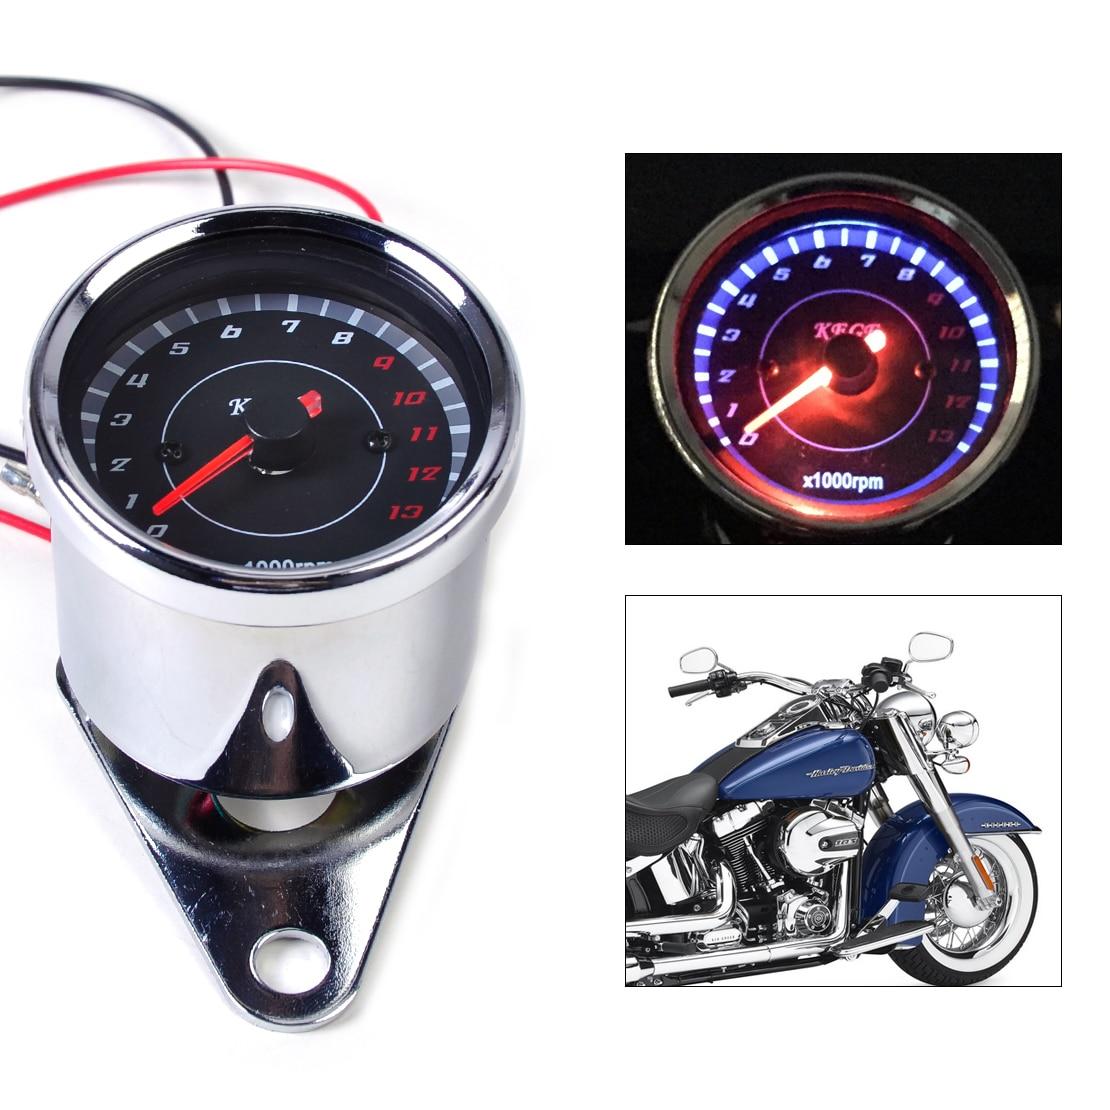 Beler 60mm LED 13000 RPM Contagiri misura per Scooter Analogico Tacho Tester del Calibro Del Motociclo Per Honda Yamaha Personalizzata Kawasaki Suzuki